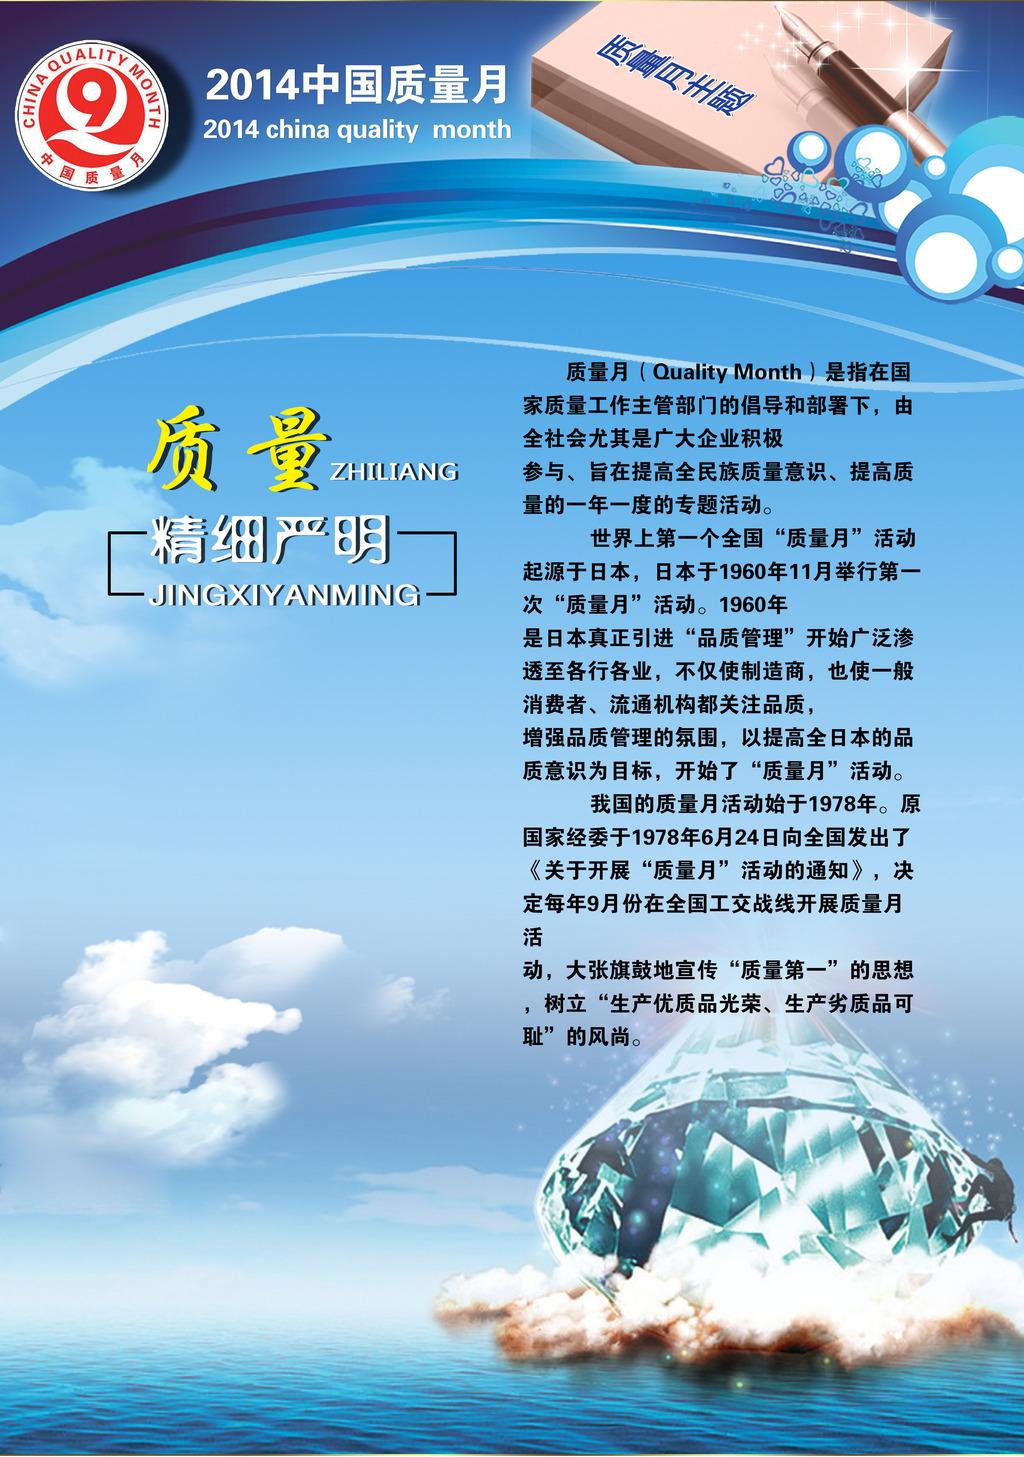 2014中国质量月展板设计模板素材